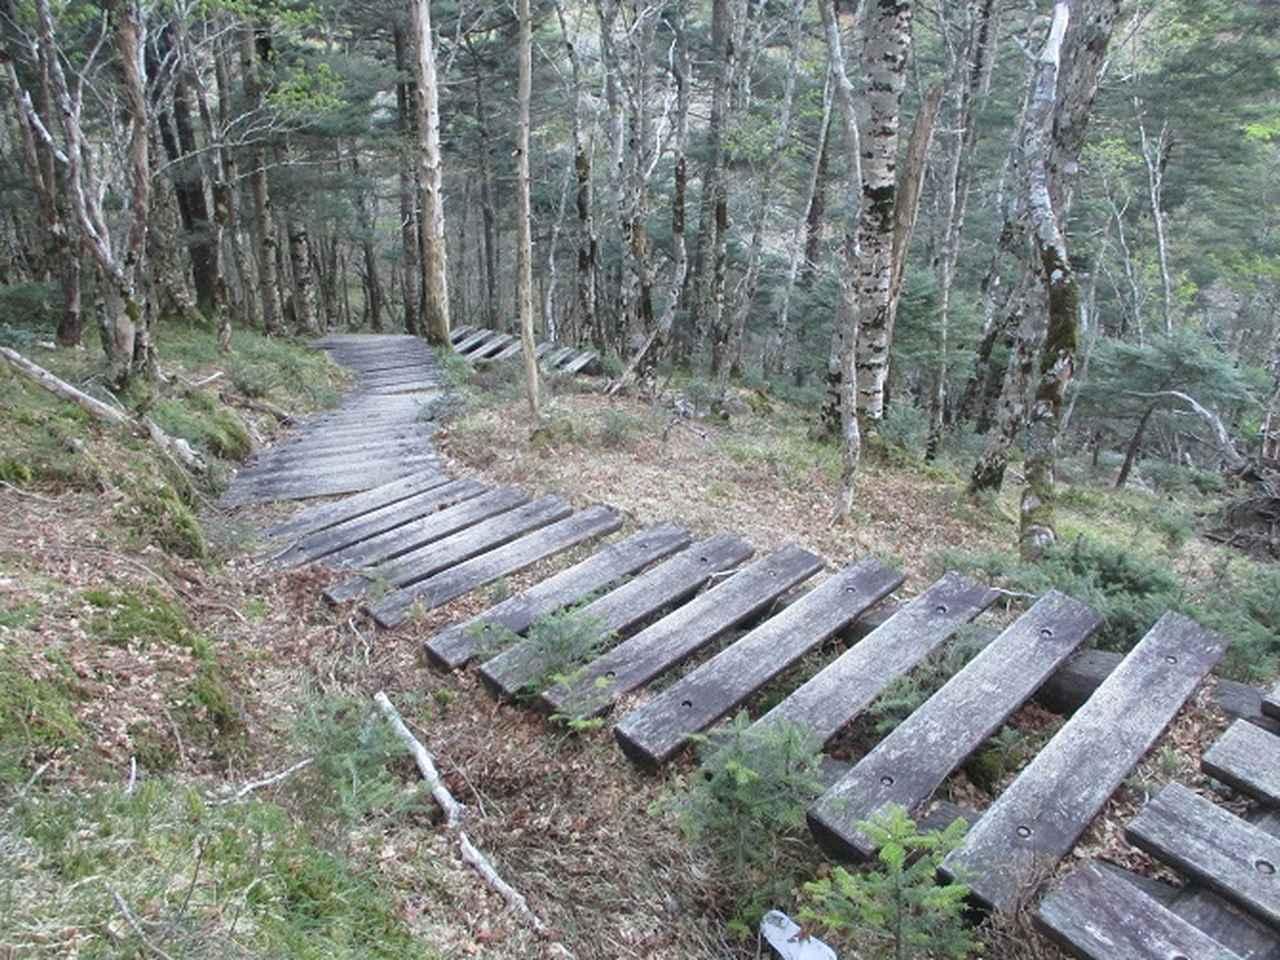 画像5: 来年の宿泊ツアーの企画の素材を探して奈良県の大峰山に行ってきました!